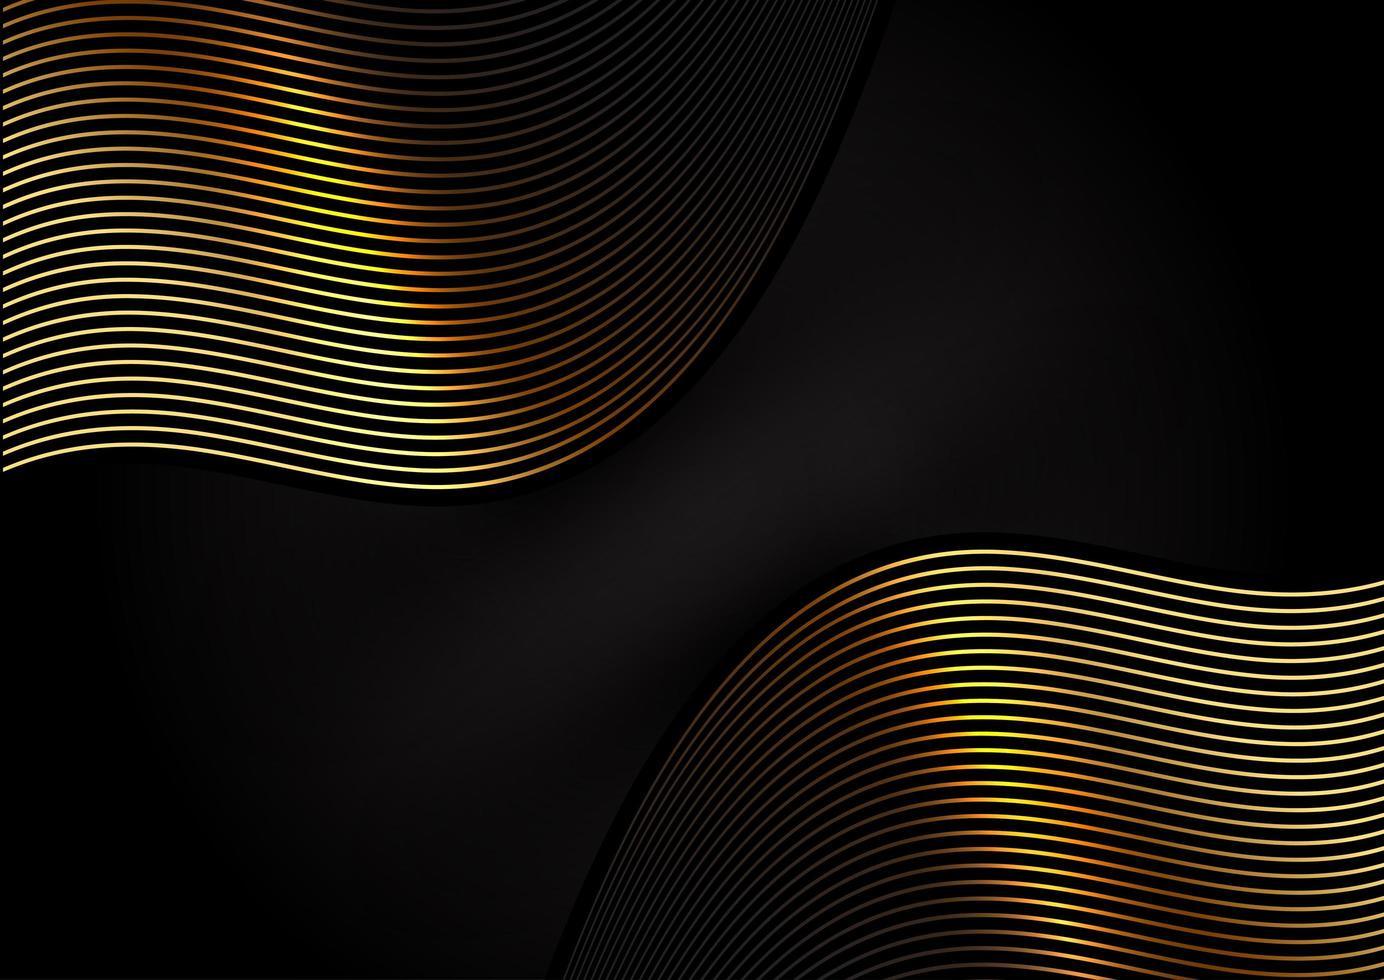 conception élégante de ligne d'or fluide vecteur